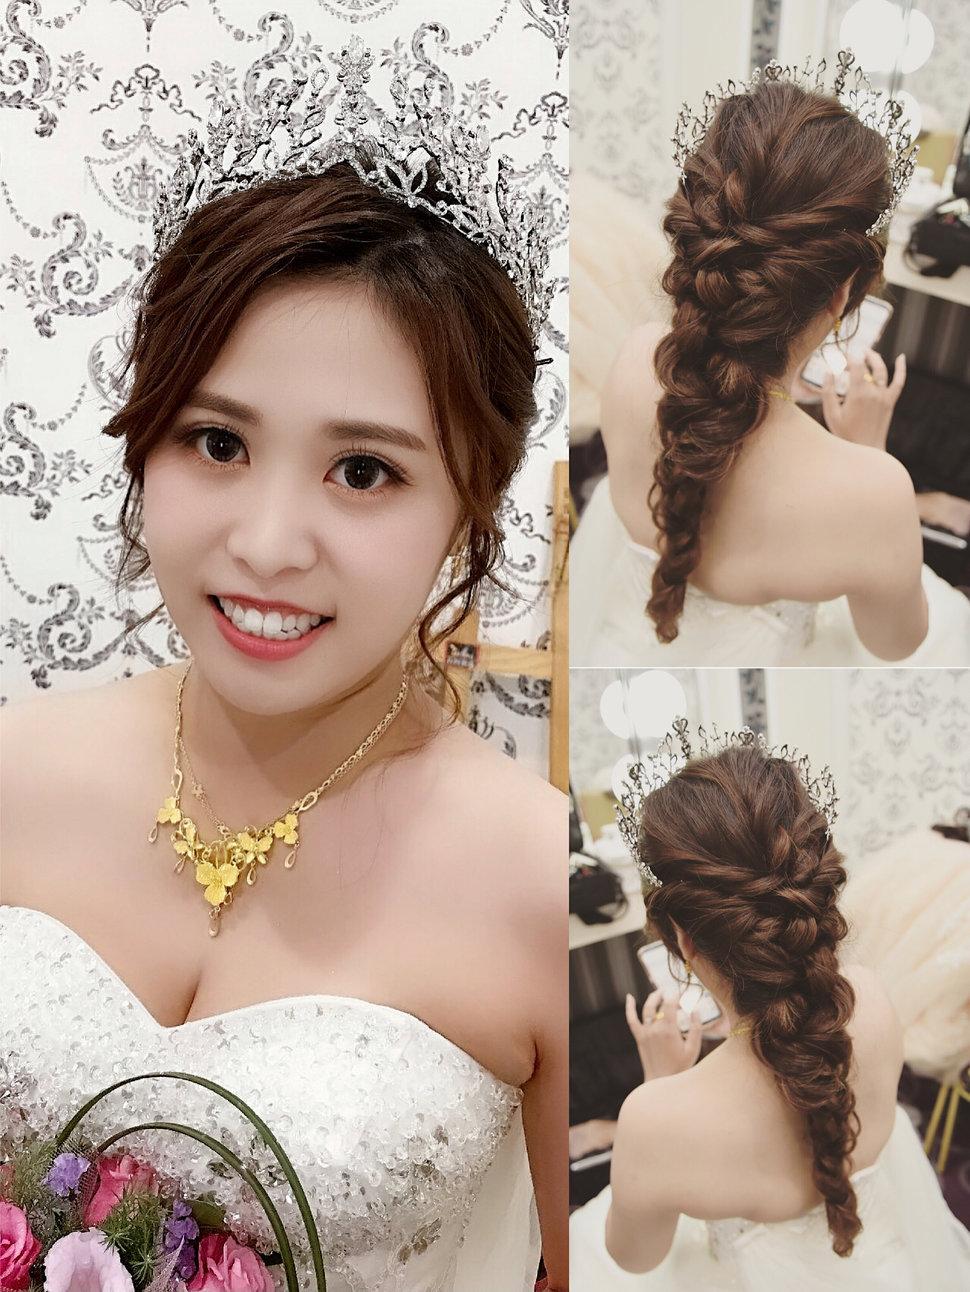 8C5ACEB5-489E-4047-B13D-21A1261A2839 - 全台新祕 銘鴻 Hong stylist《結婚吧》